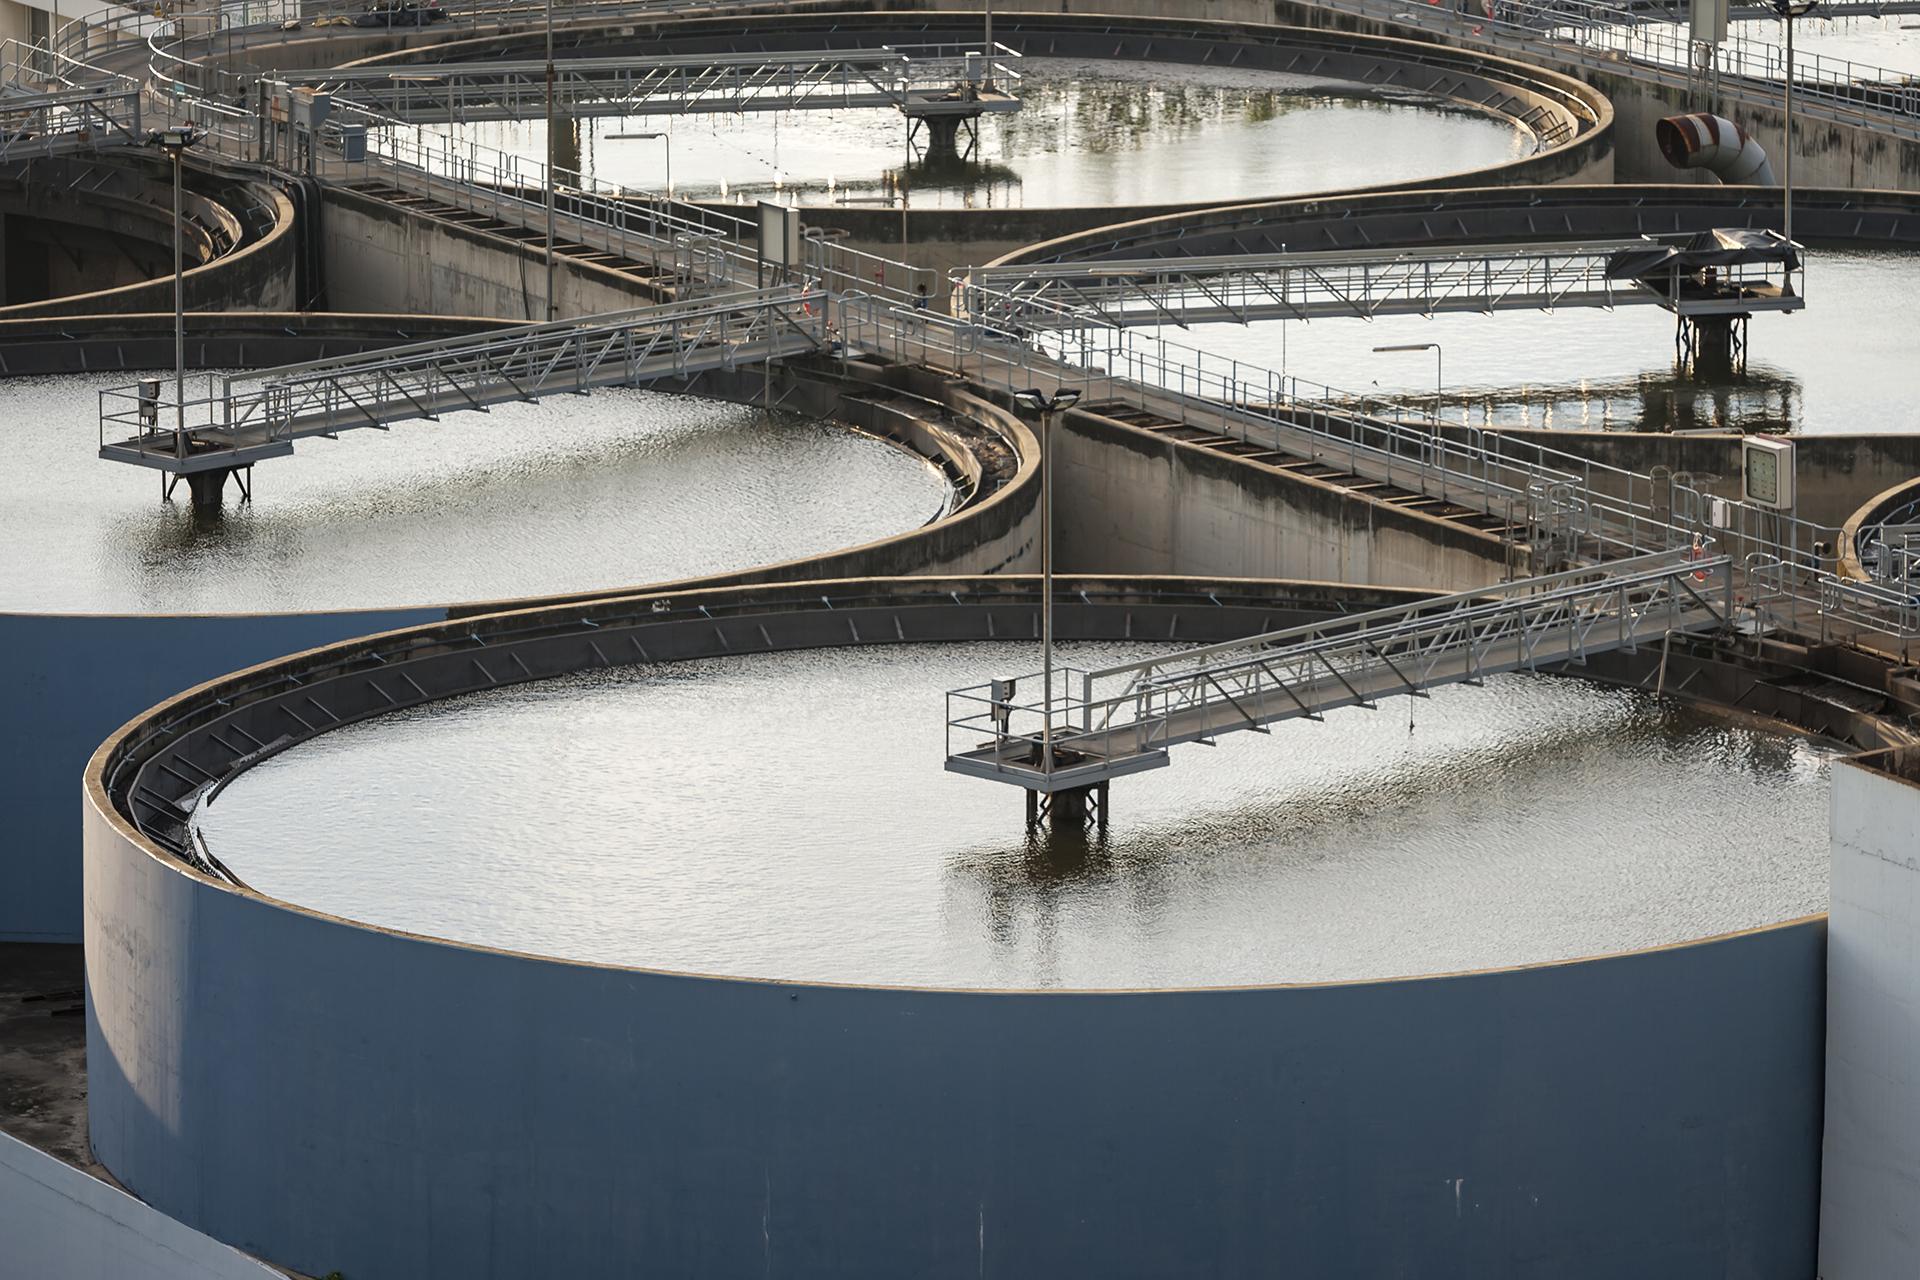 Gospodarka wodno-ściekowa i rekultywacja: nowe technologie i adaptacja do zmian klimatu